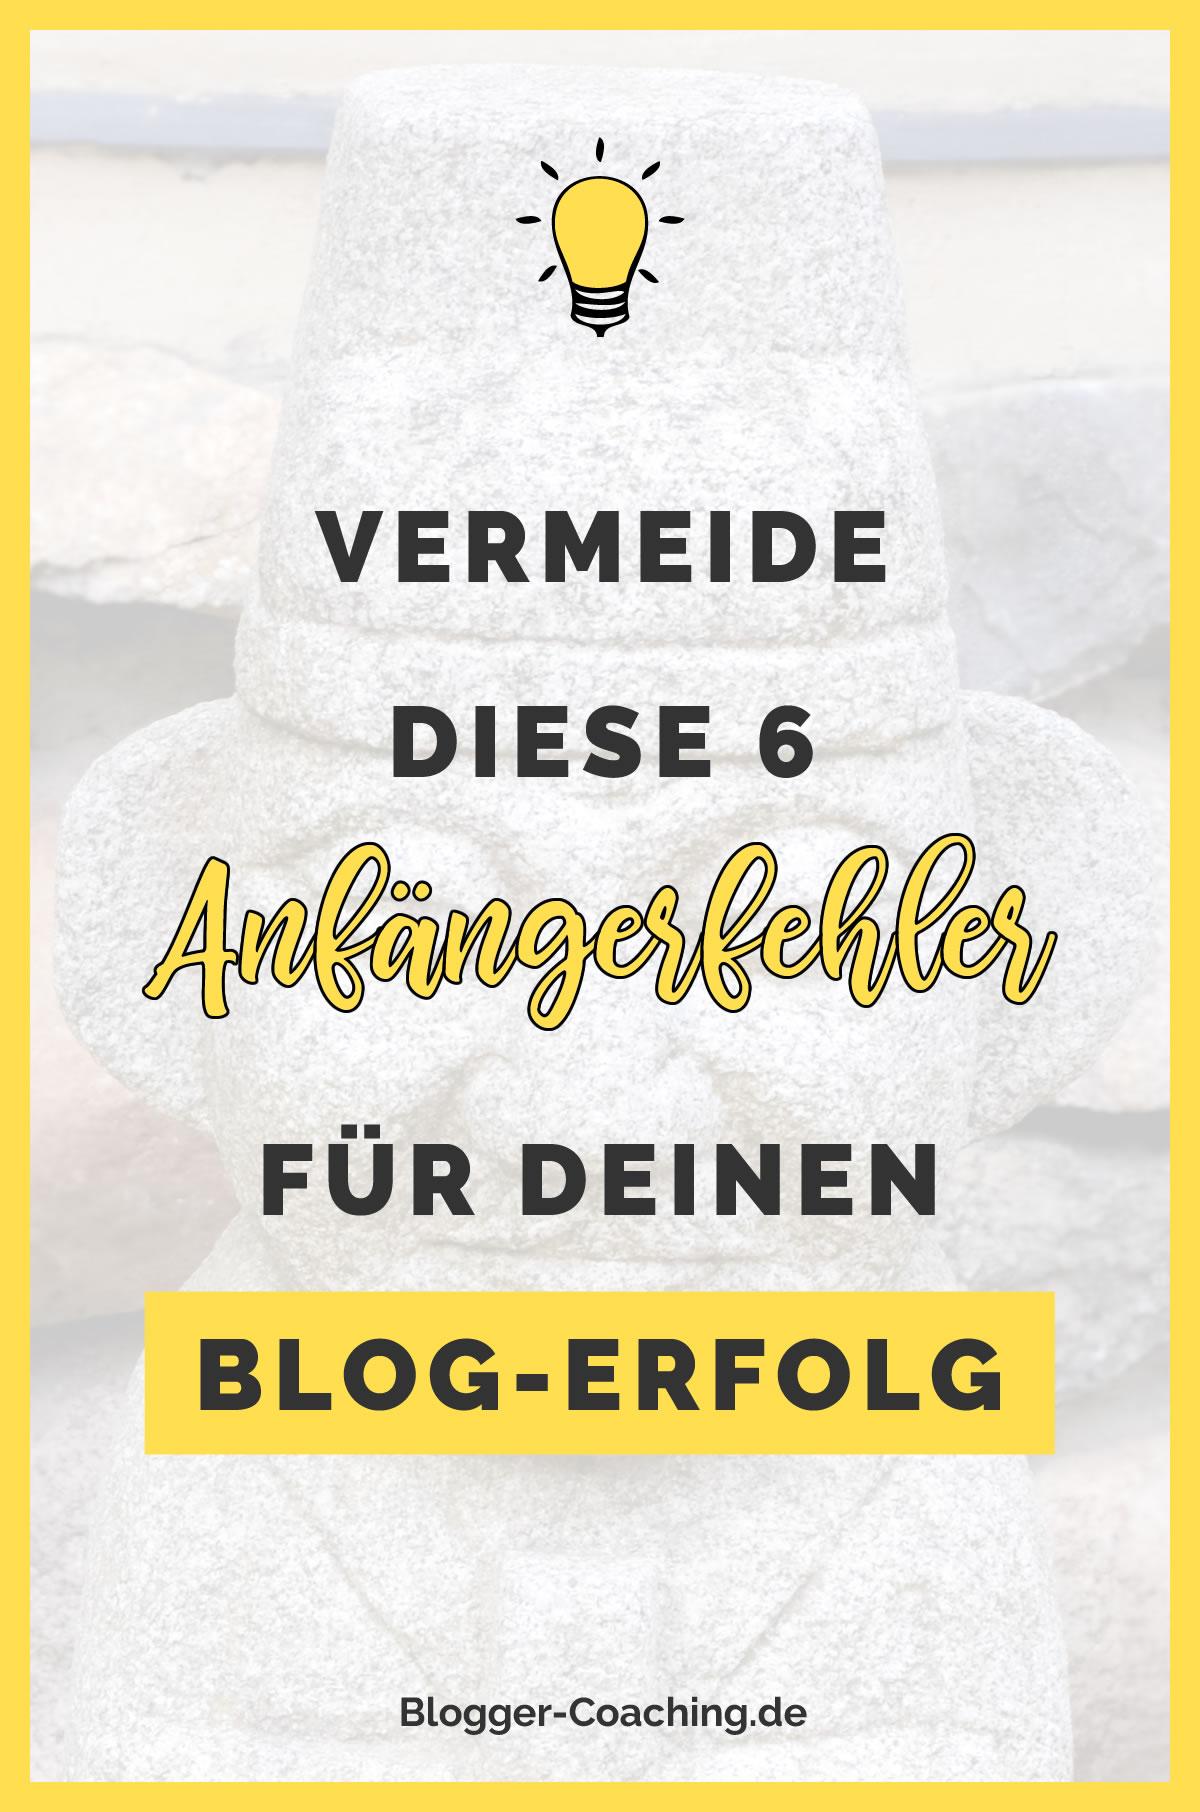 6 Anfängerfehler beim Bloggen und wie du sie vermeidest 1/3 | Blogger-Coaching.de - Erfolgs-Strategien für deinen Blog #blogger #erfolg